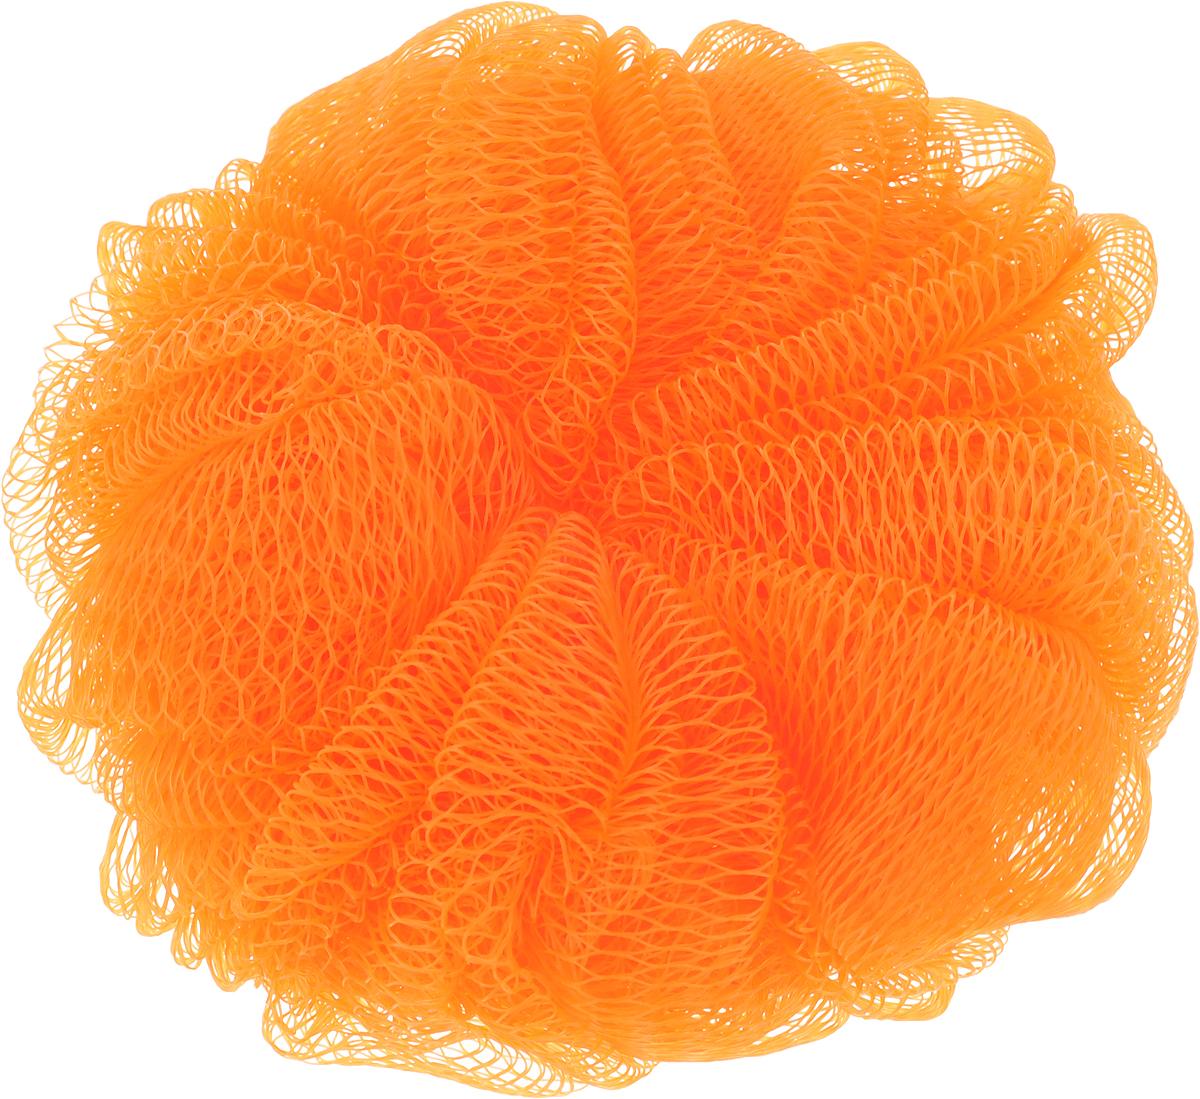 Мочалка Paterra, цвет: оранжевый, 14 см408-061_оранжевыйПодарит чистоту и блаженство вашей коже! Благодаря своей структуре мочалка-шар обеспечивает отличное пенообразование, тем самым экономя средства для душа, долго прослужит и подойдет для ежедневного использования.